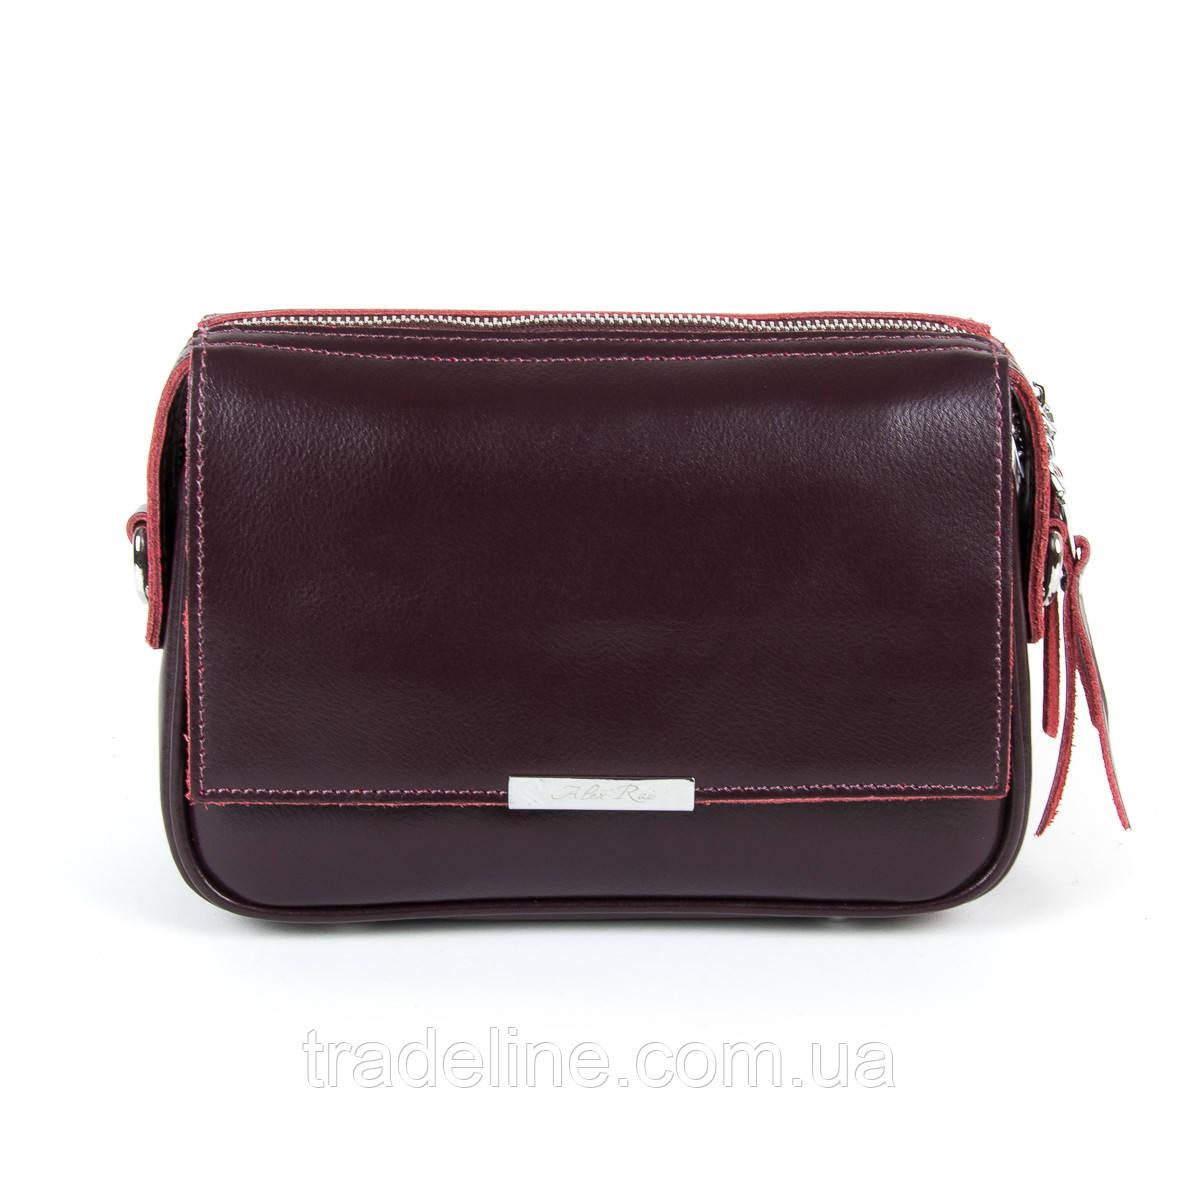 Сумка Женская Клатч кожа ALEX RAI 9-01 2227 burgundy